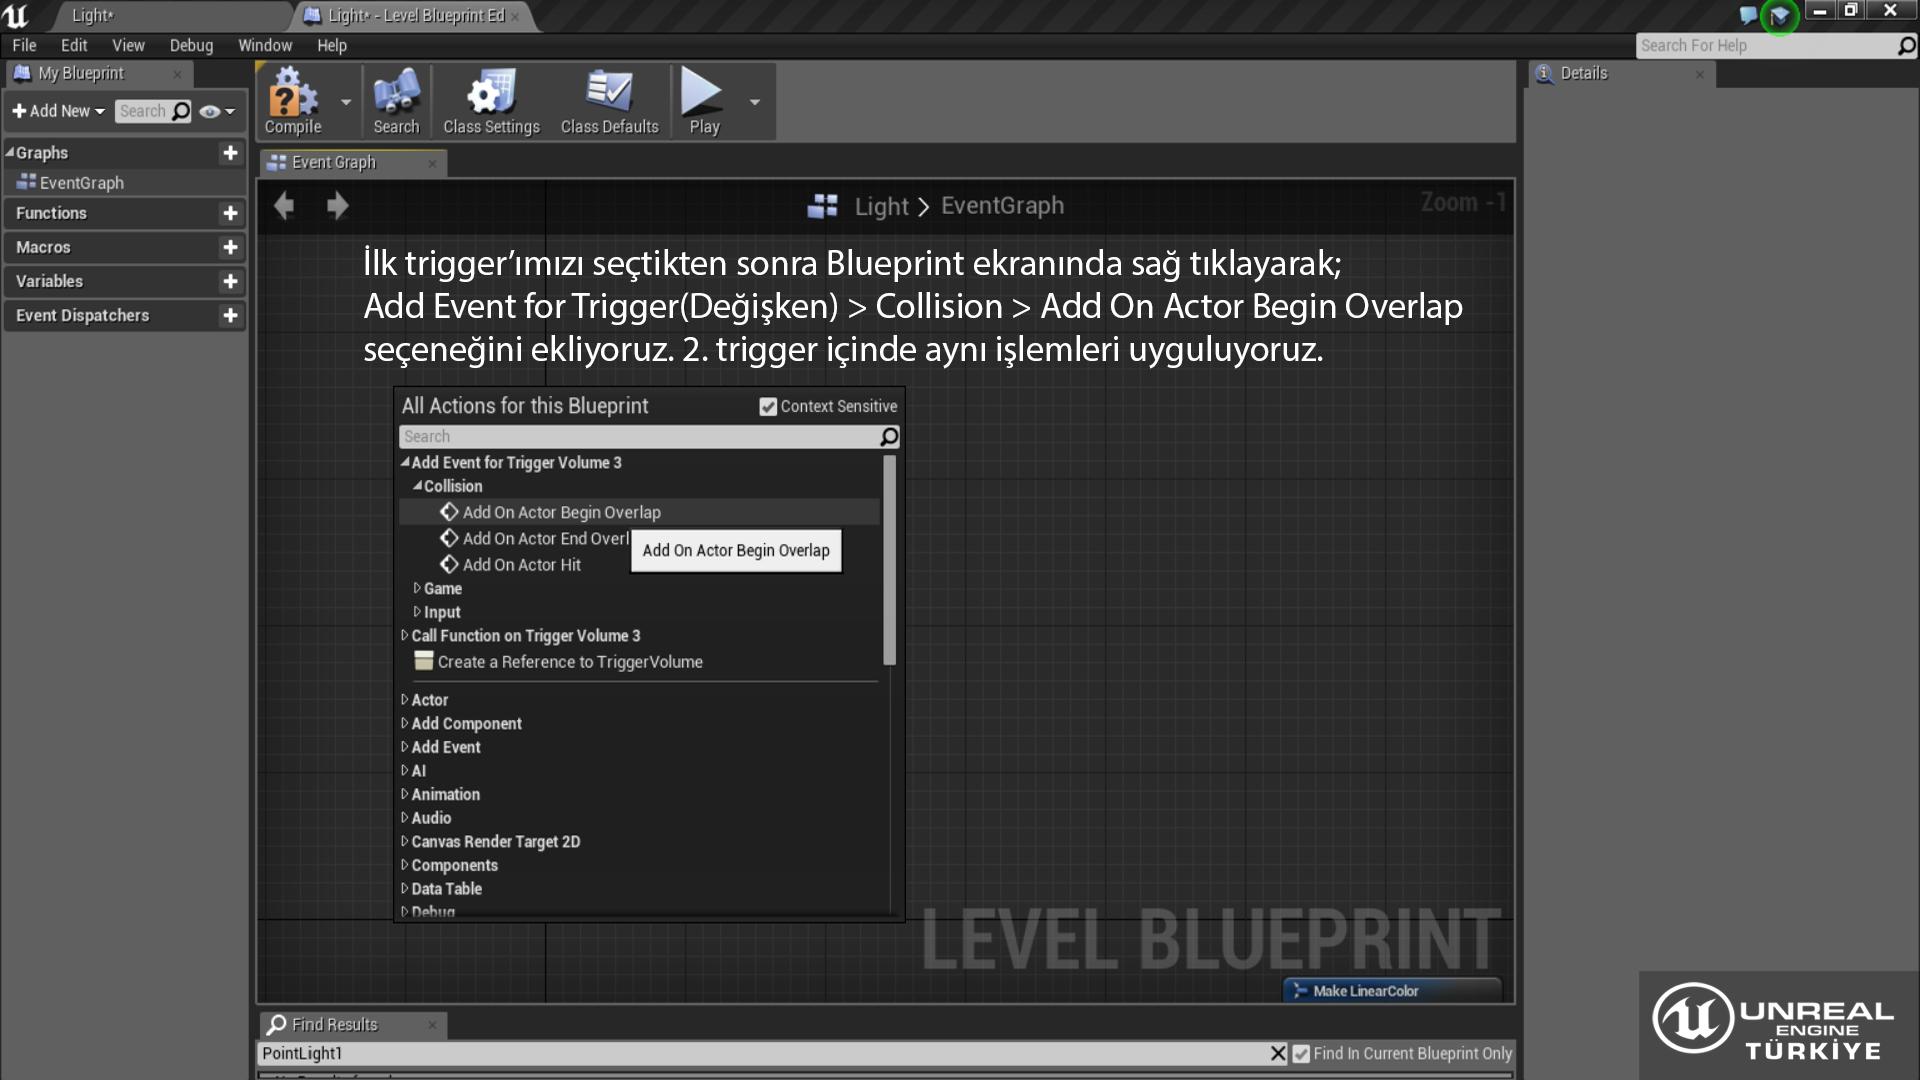 Unreal Engine Türkiye | Topluluk - Unreal Engine 4 Dersleri